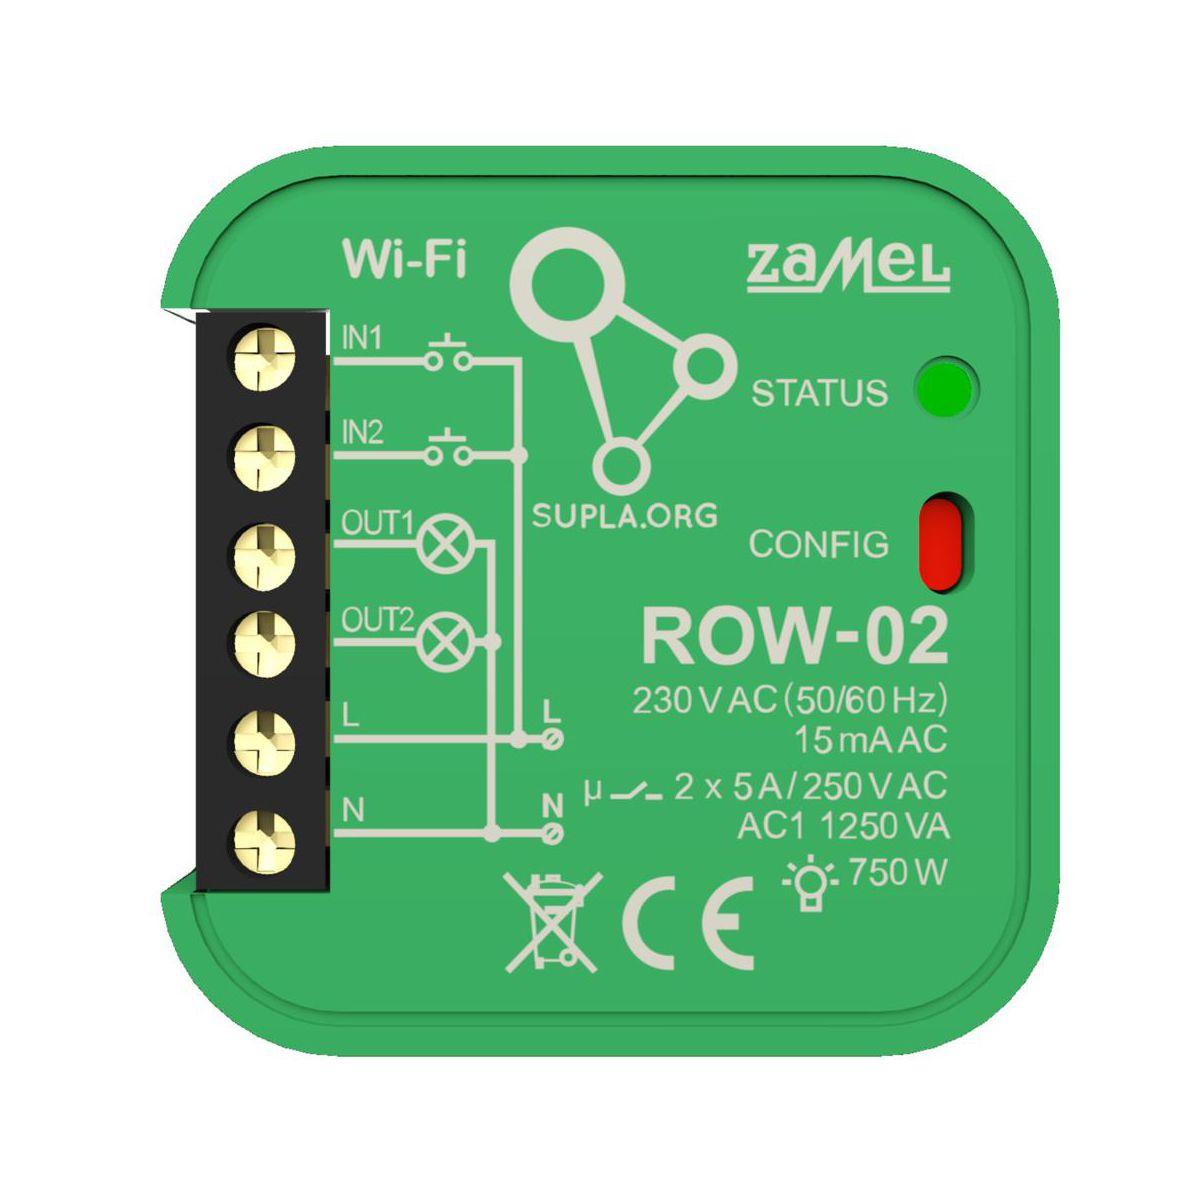 بررسی و خرید [با تخفیف]                                     سوئیچ هوشمند زامل کد ROW- 02                             اورجینال